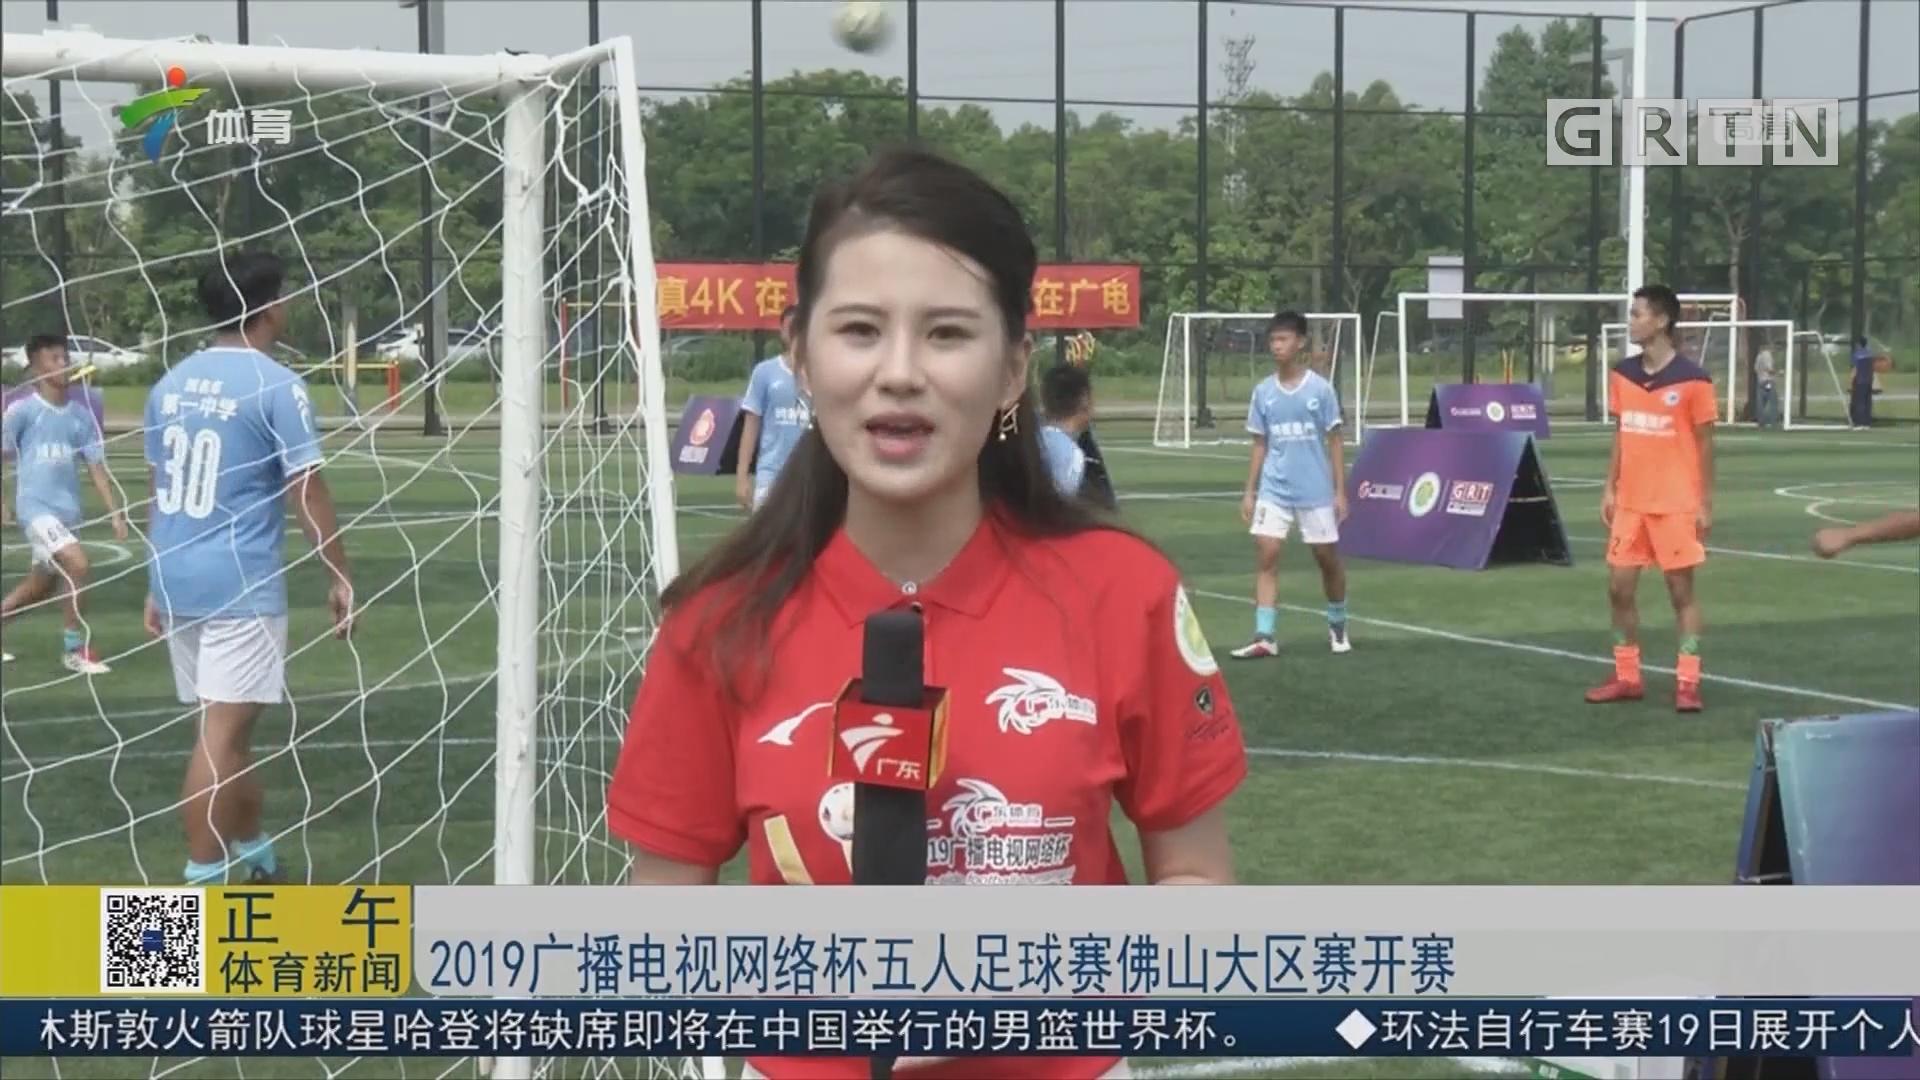 2019广播电视网络杯五人足球赛佛山大区赛开赛